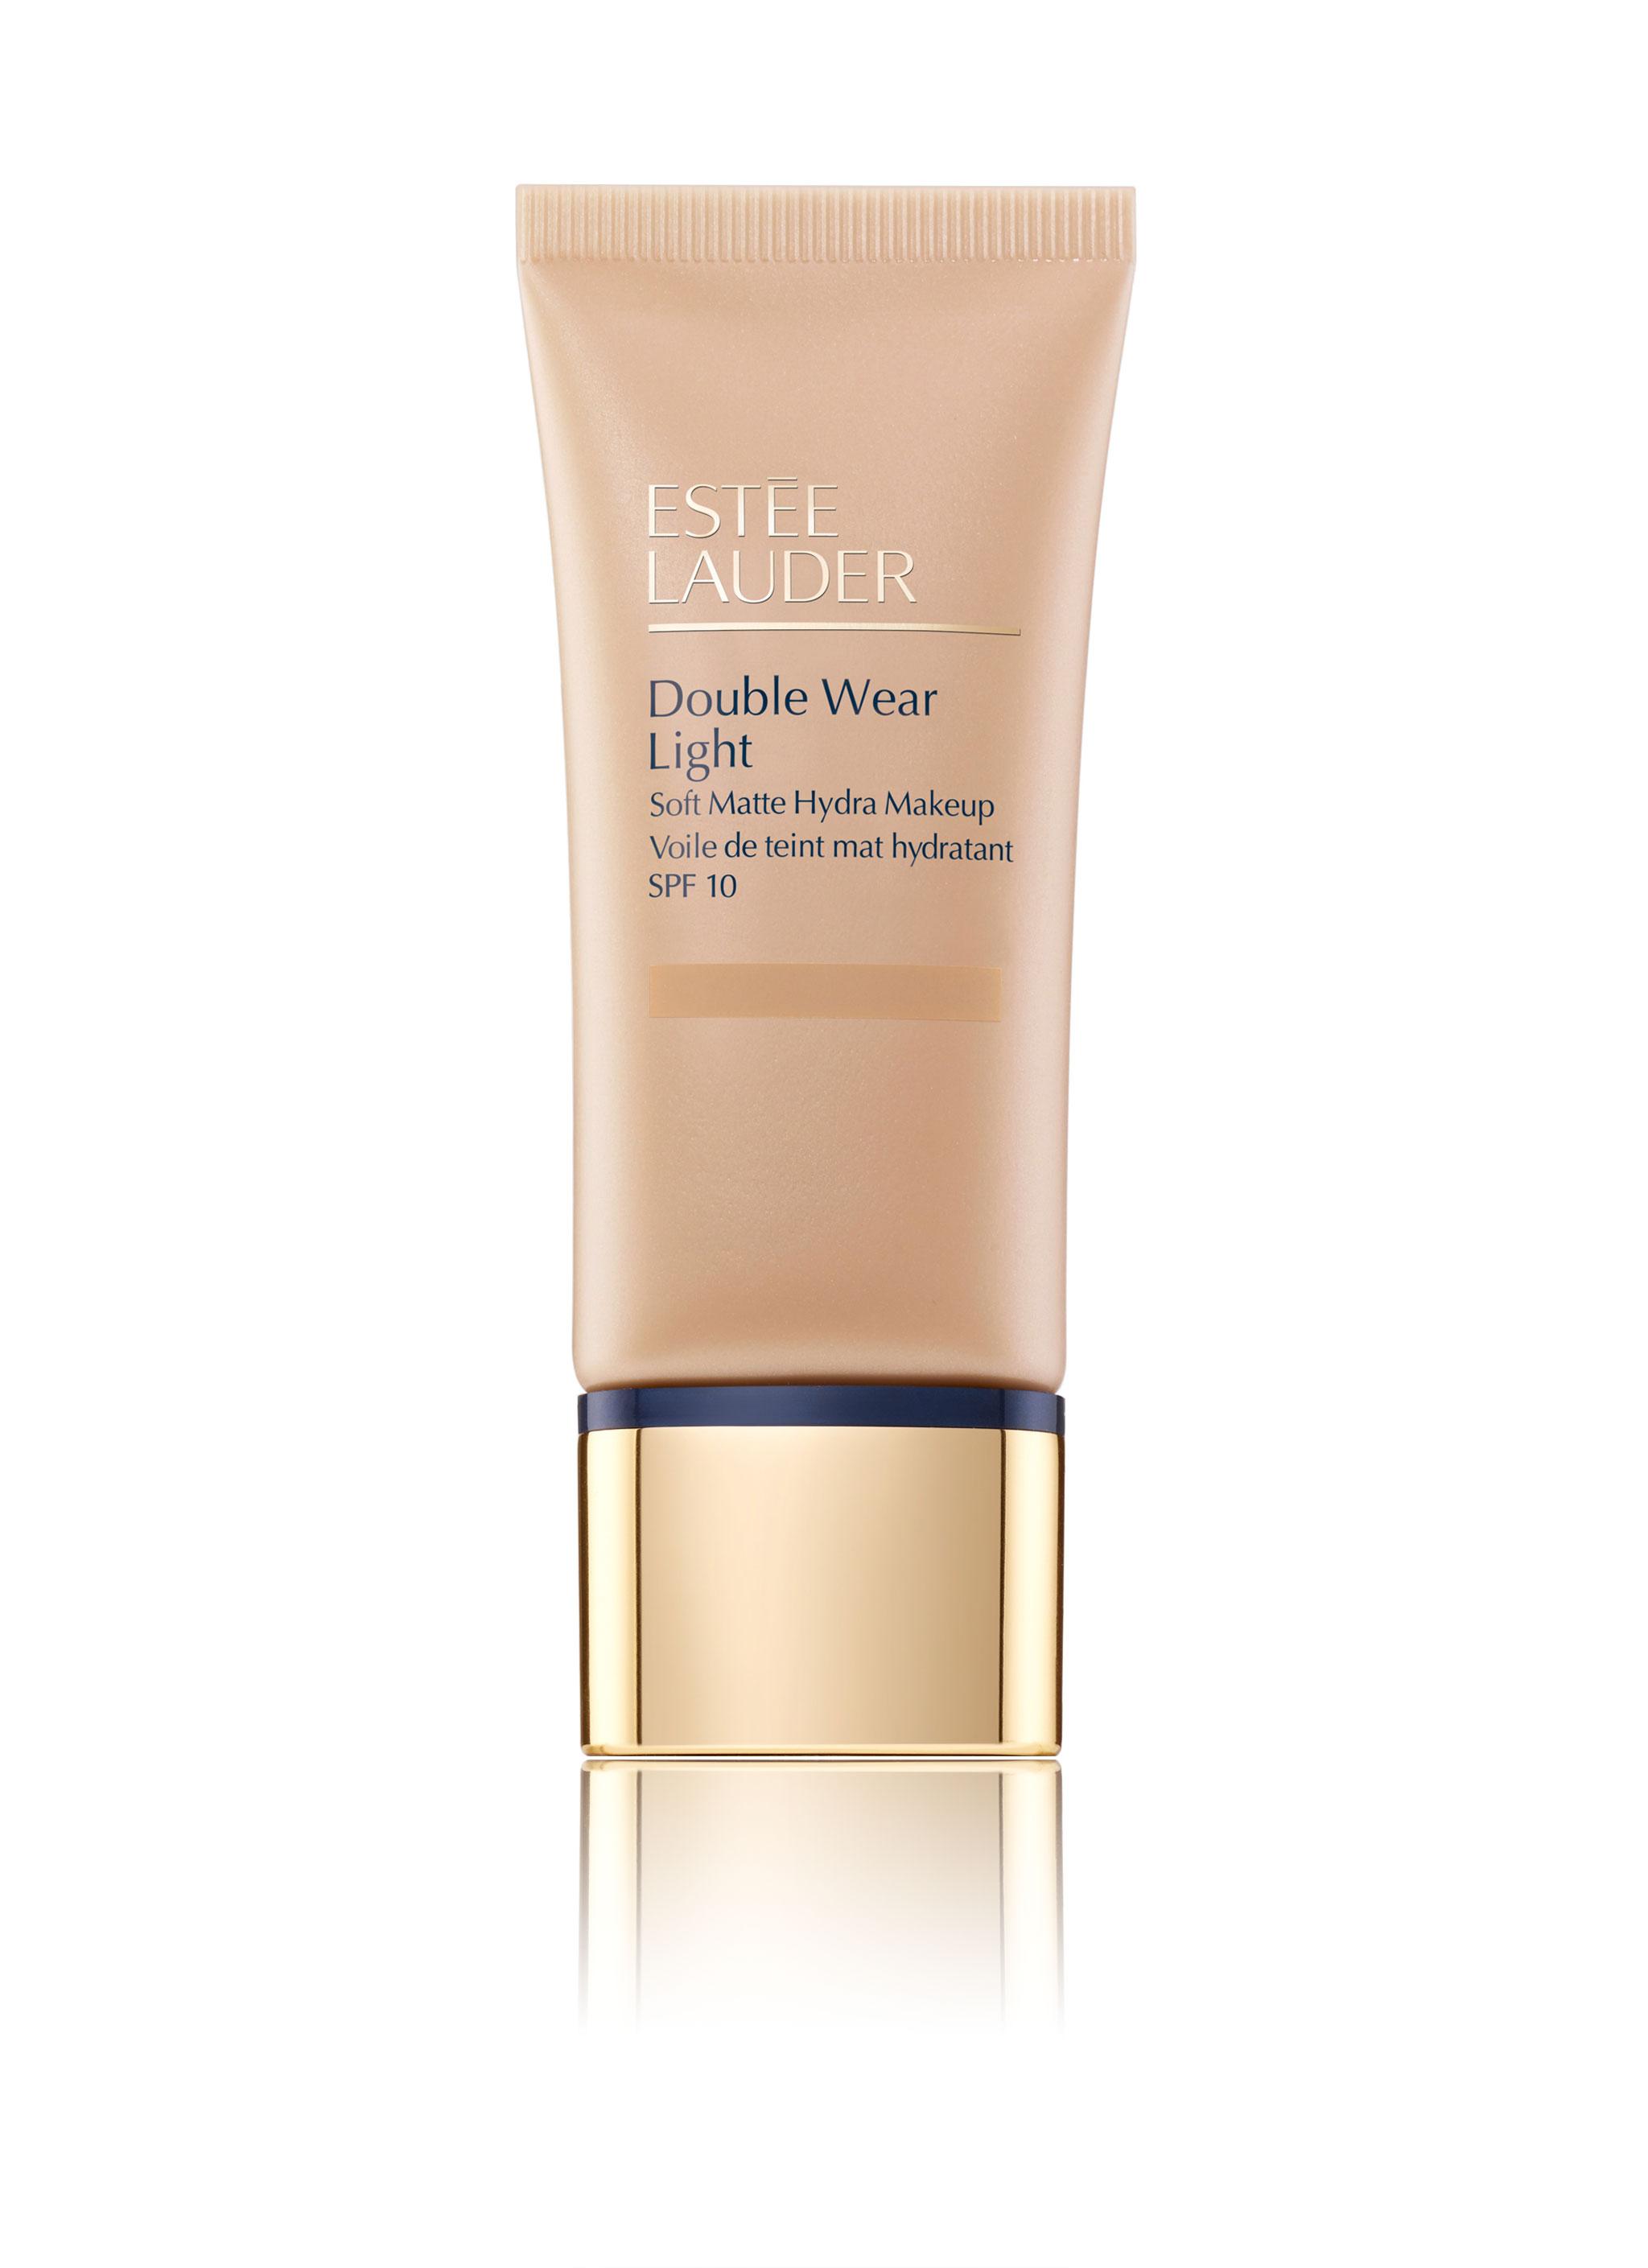 Double Wear Light Soft Matte Hydra Makeup Foundation 2N1 Desert Beige